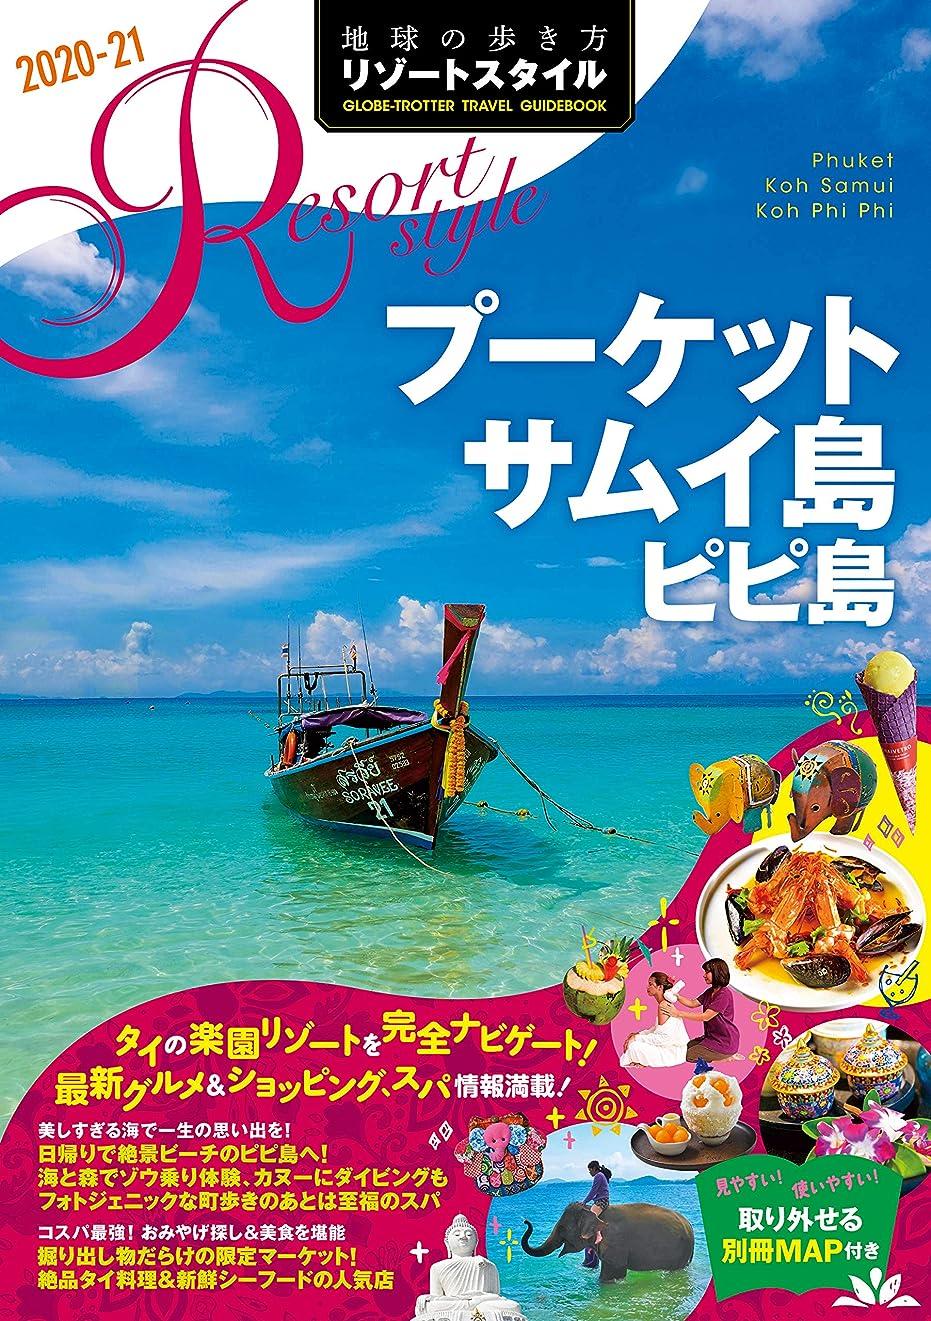 私たちのステレオタイプ軽地球の歩き方 リゾートスタイル R12 プーケット サムイ島 ピピ島 2020-2021 (地球の歩き方リゾートスタイル)